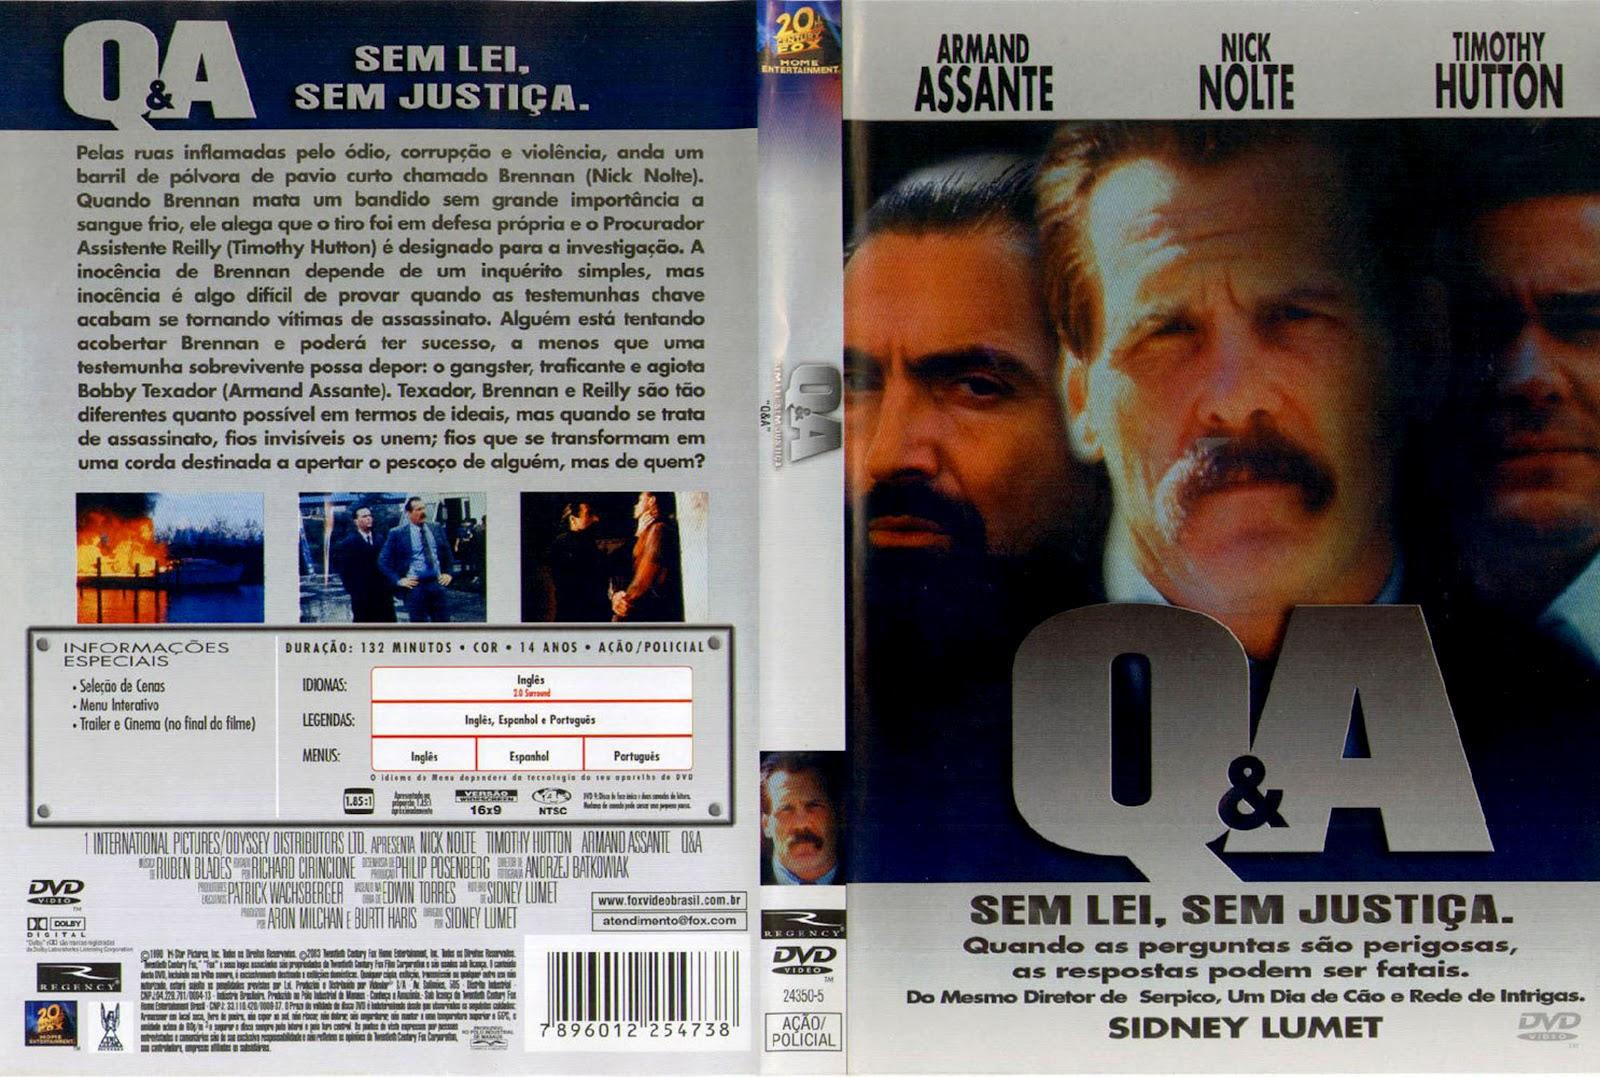 Capas Medina - Somente Capas de DVD: Q&A - Sem Lei, Sem Justiça.